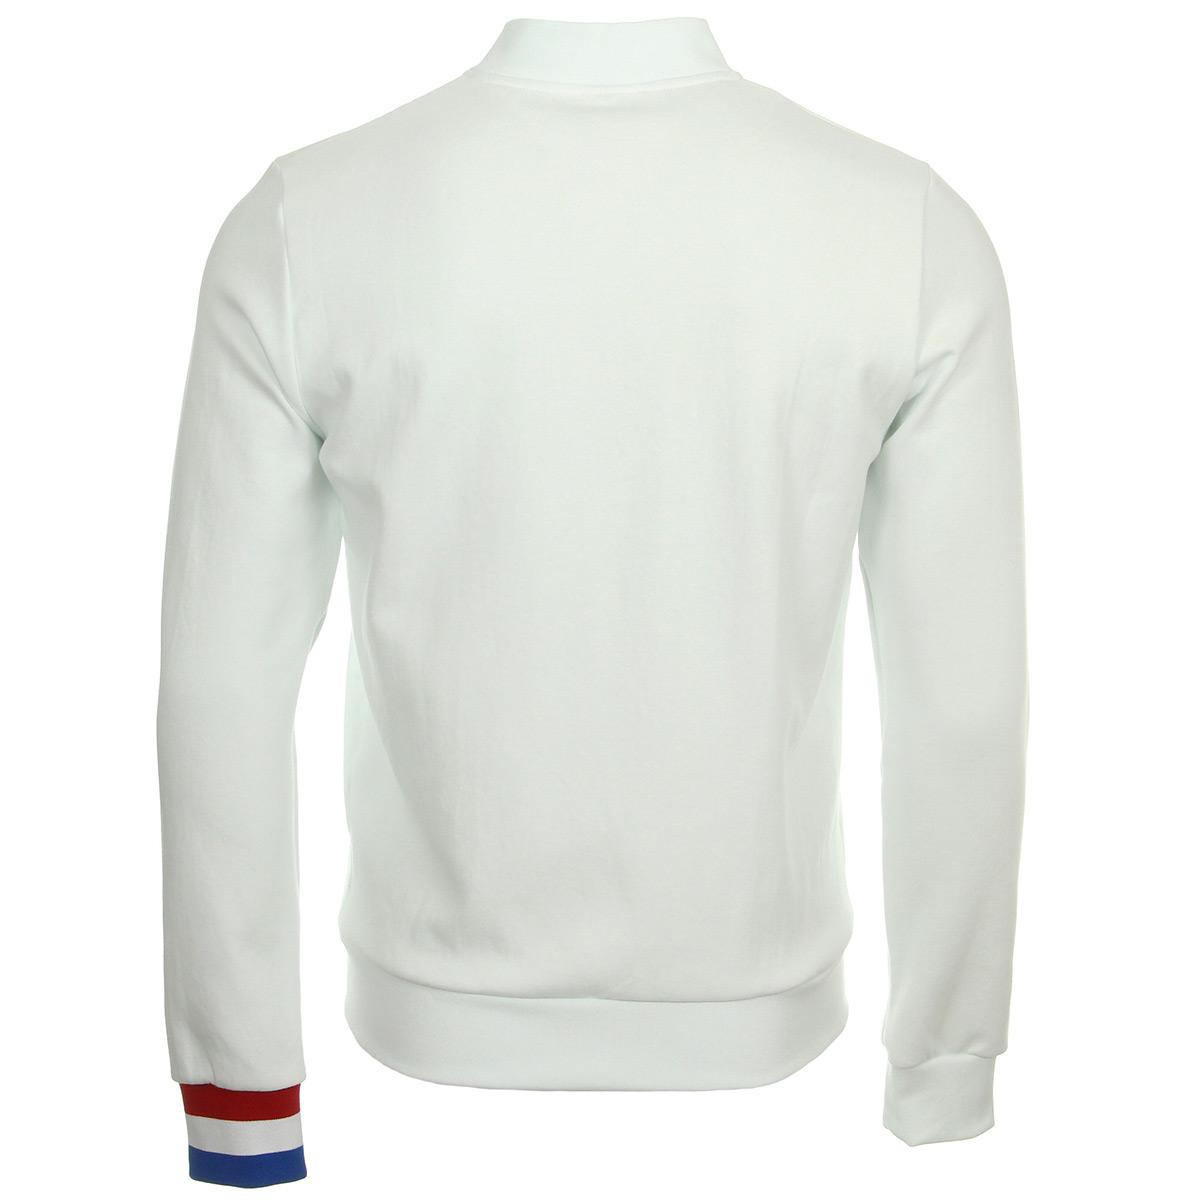 Le Coq Sportif Sweat Zippé Tricolore 1710524, Vestes sport homme